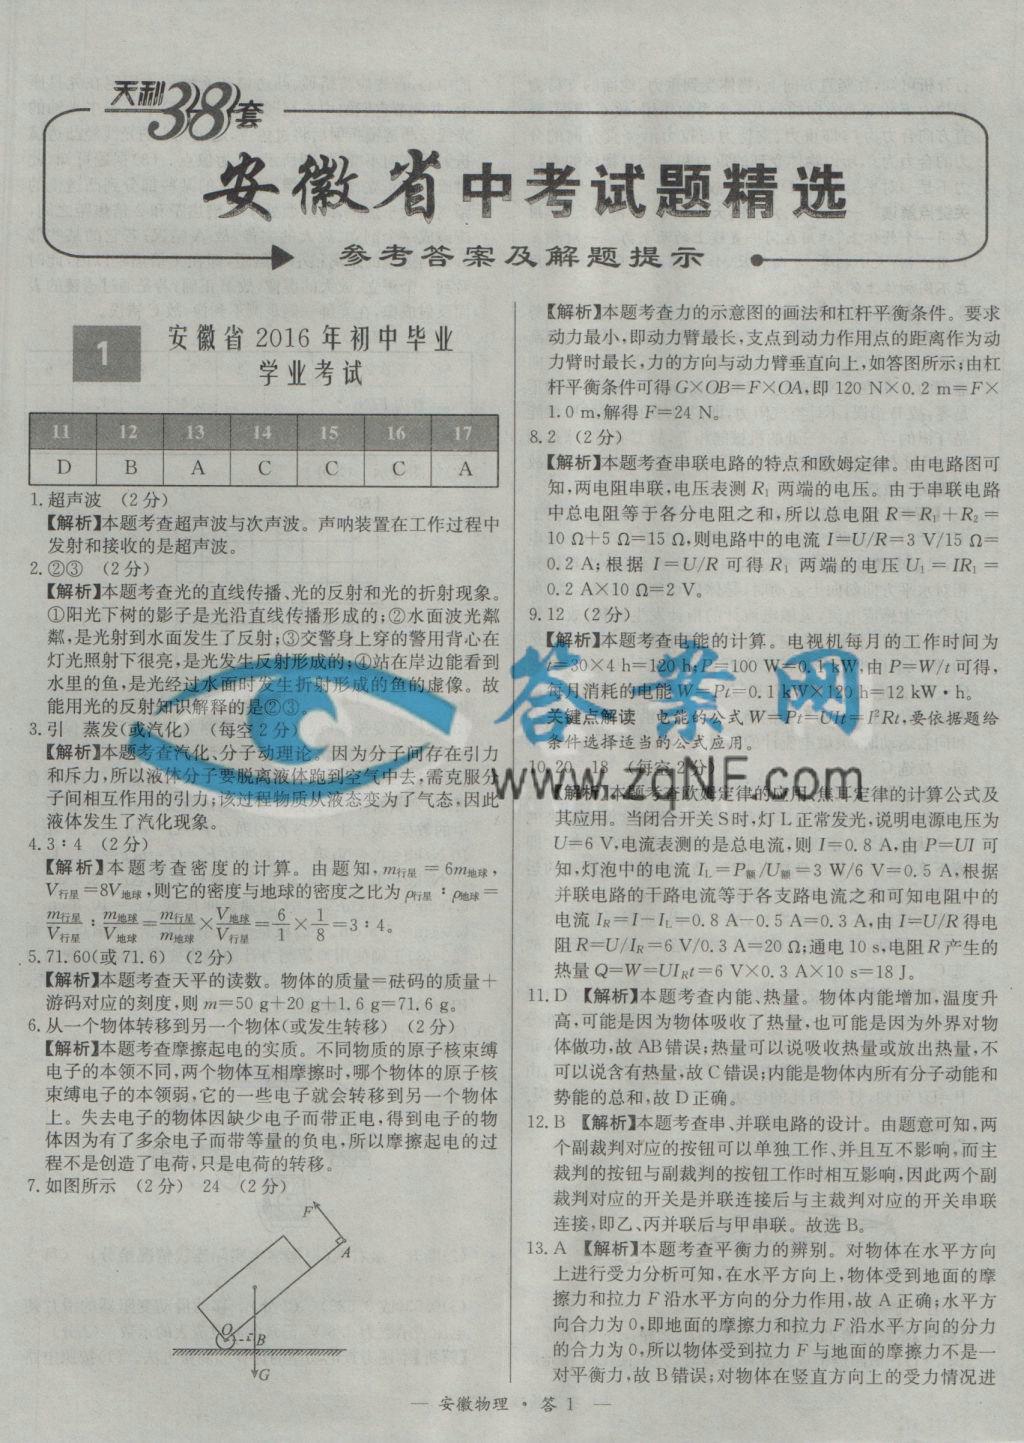 2017年天利38套安徽省中考试题精选物理答案